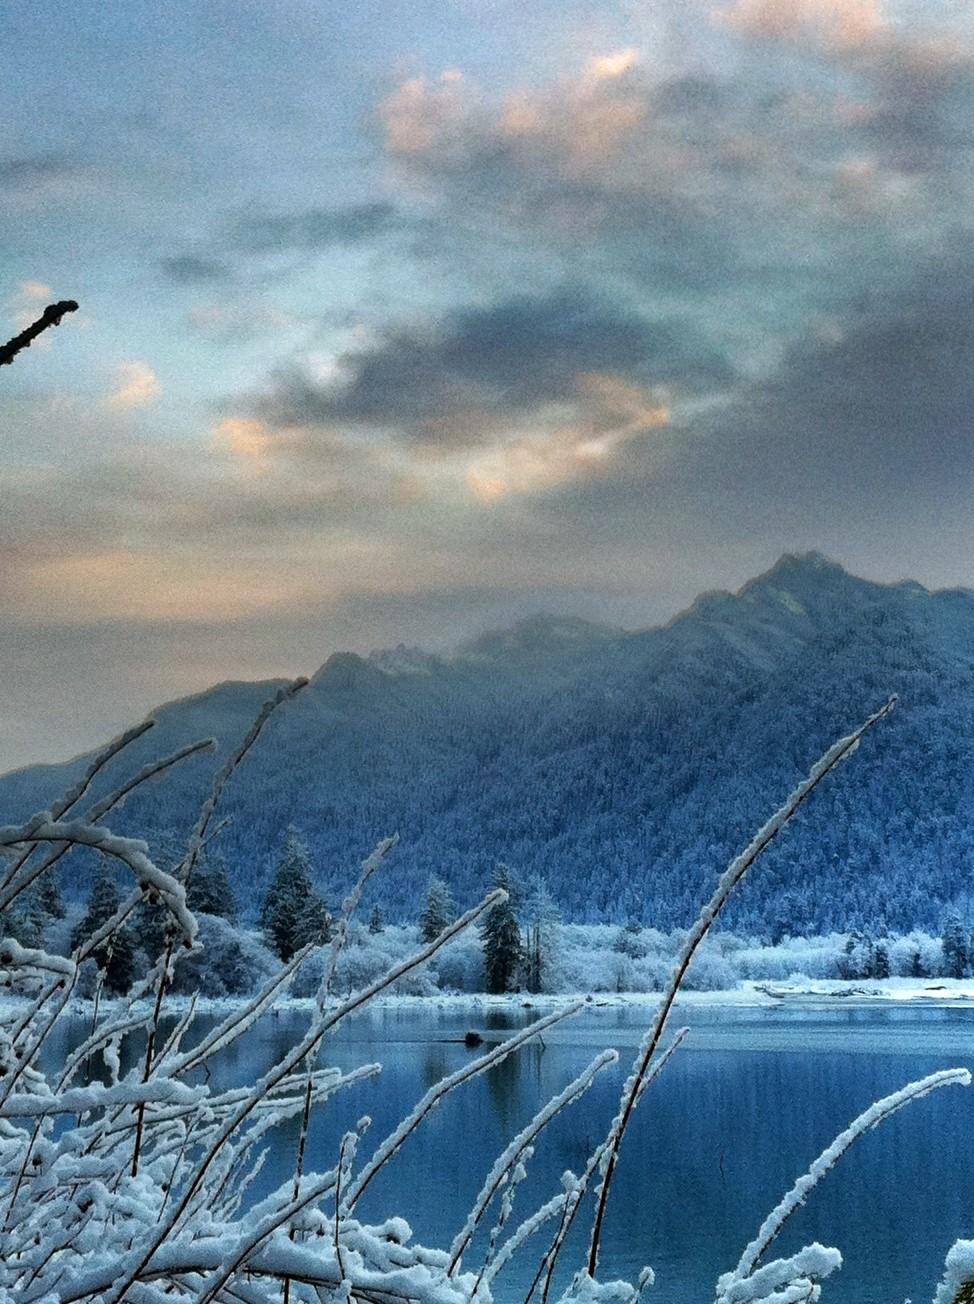 2012-01-15 2012-01-15 001 010.JPG